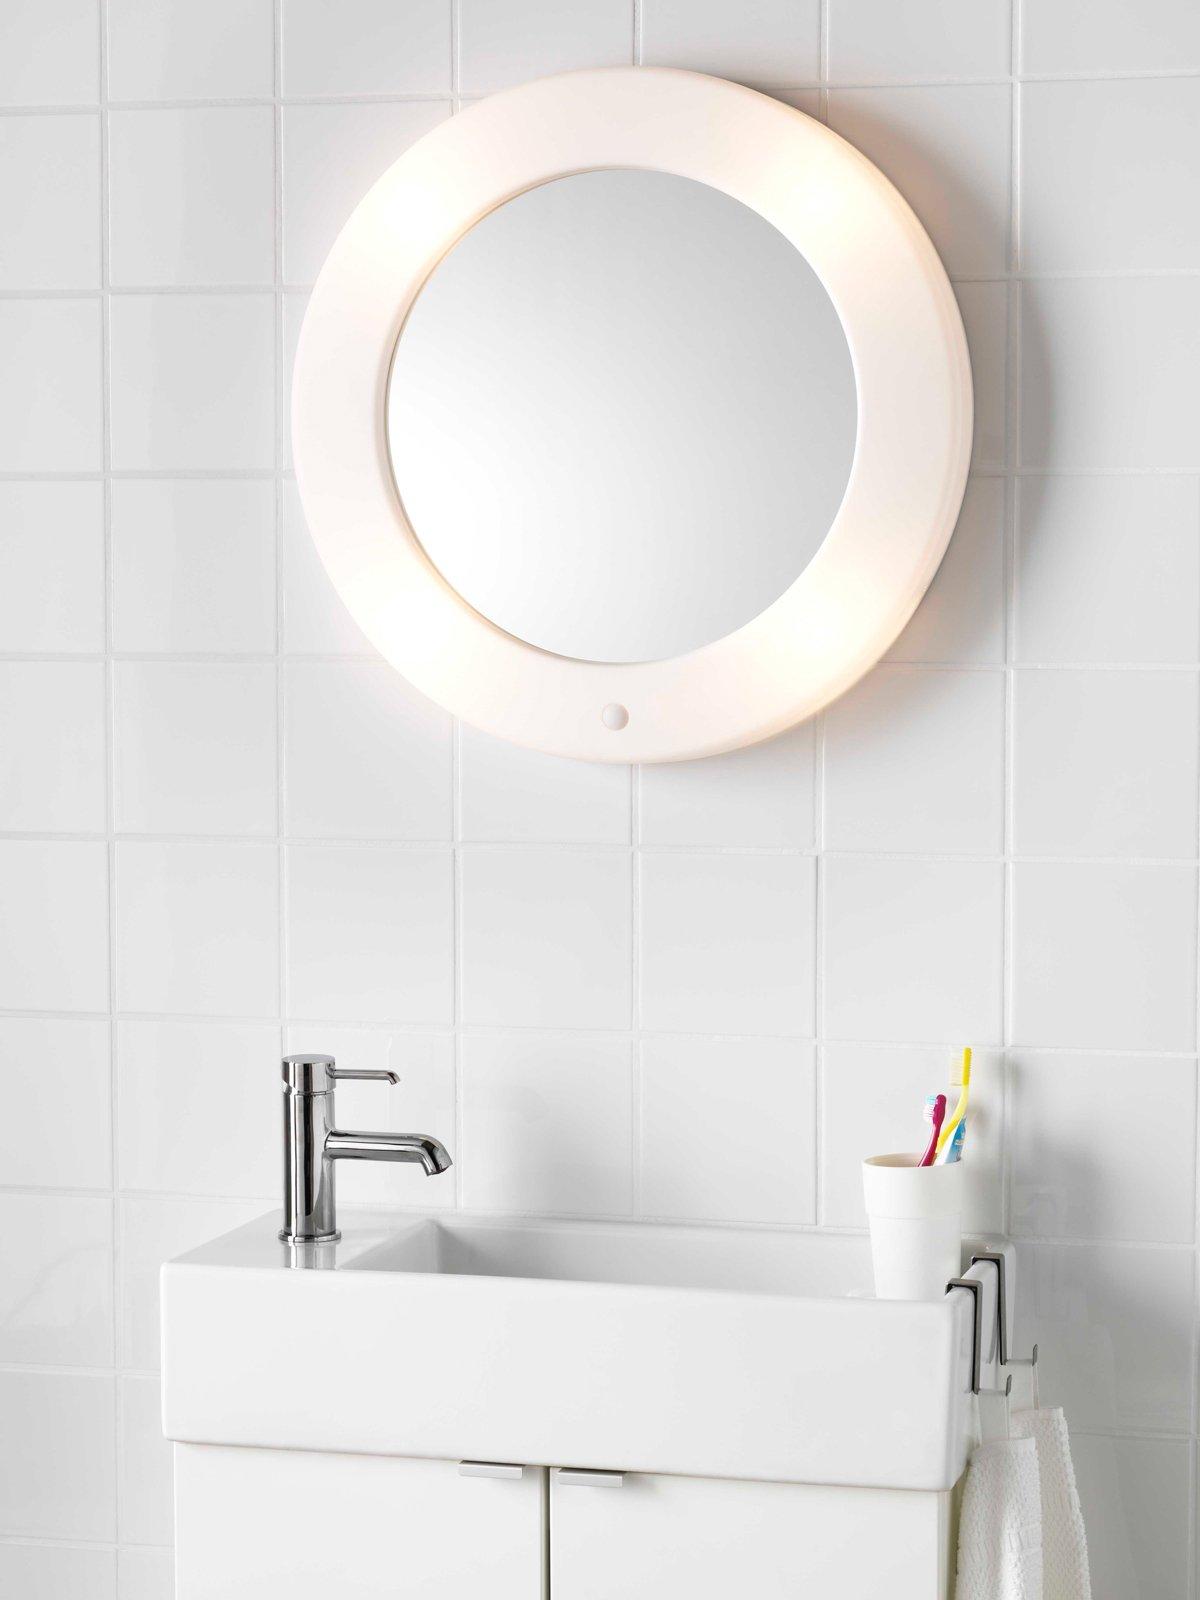 Specchi sopra il lavabo cose di casa - Specchi ikea bagno ...